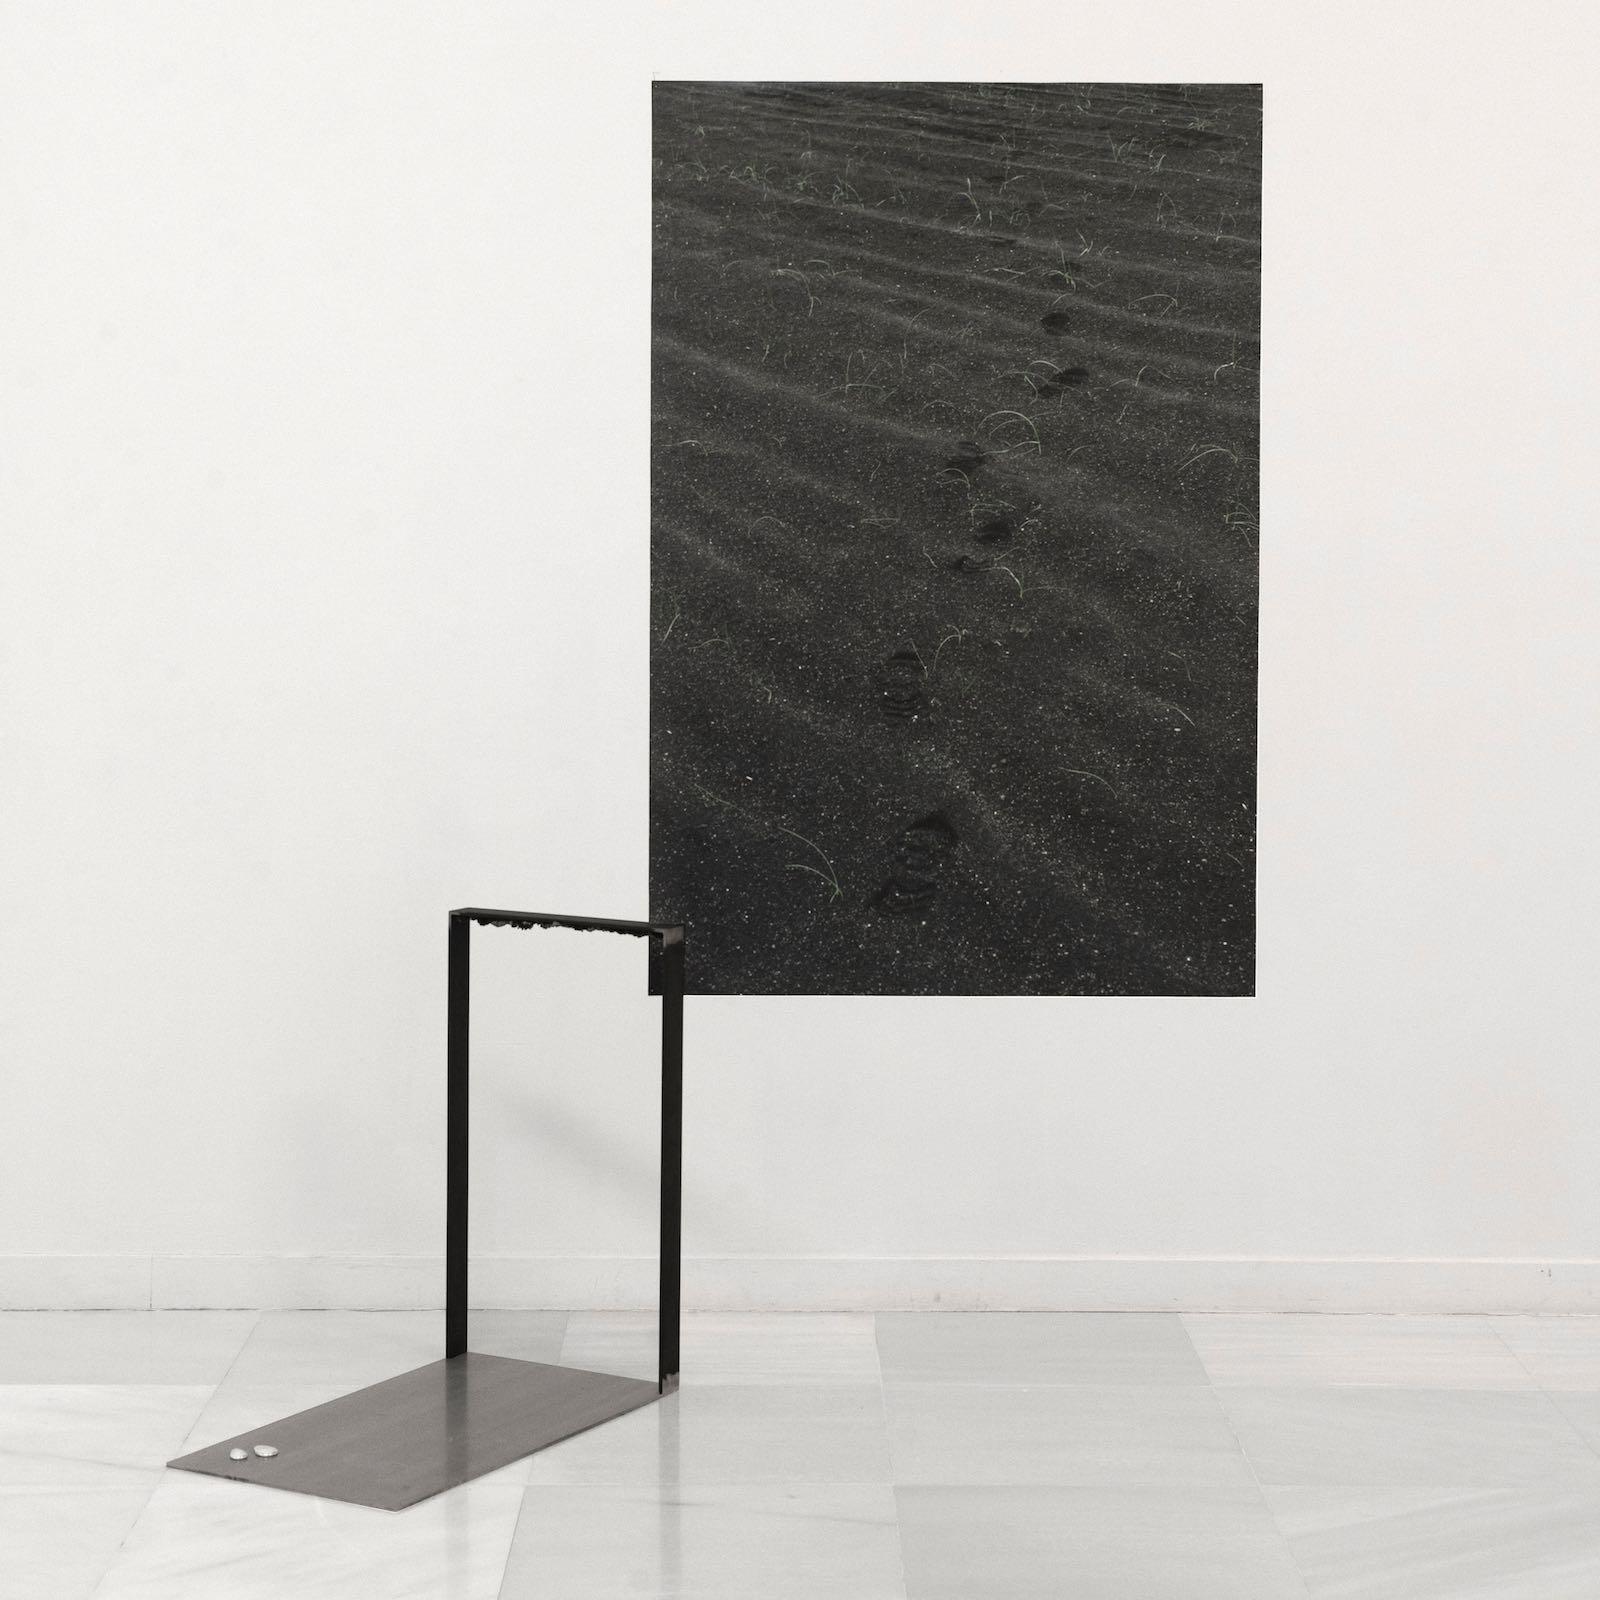 """Moreno&Grau, S/T del proyecto """"Inhabit"""", 2018. Acero, líquenes, galio solidificado, fotografía digital sobre papel fotoquímico. Fotografía: 100x150 cm. Escultura metal: 70x70x50"""